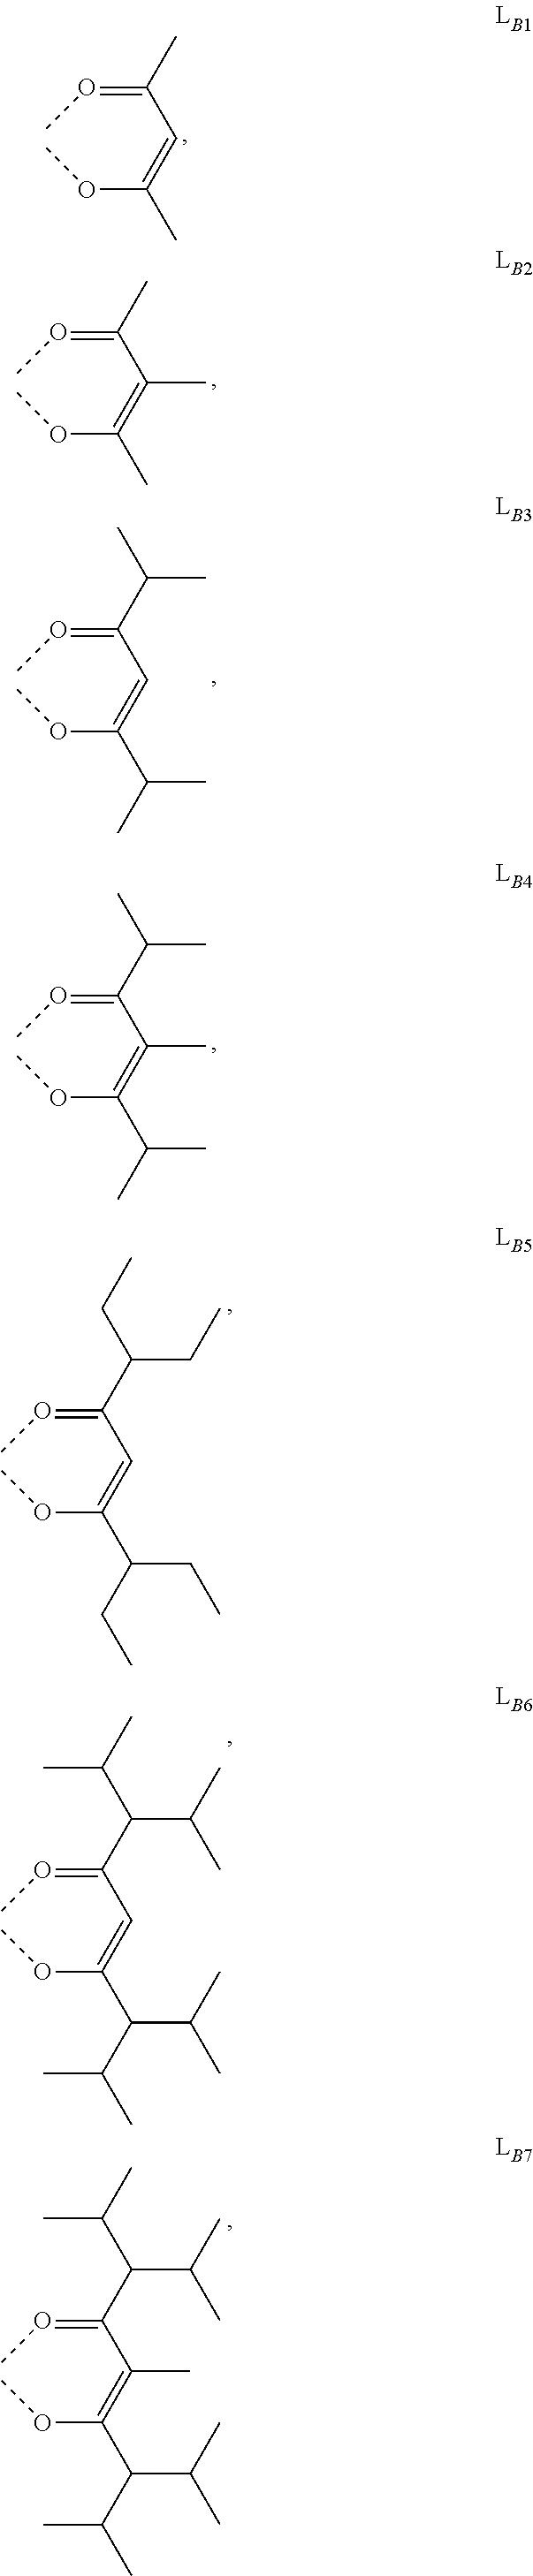 Figure US09859510-20180102-C00020